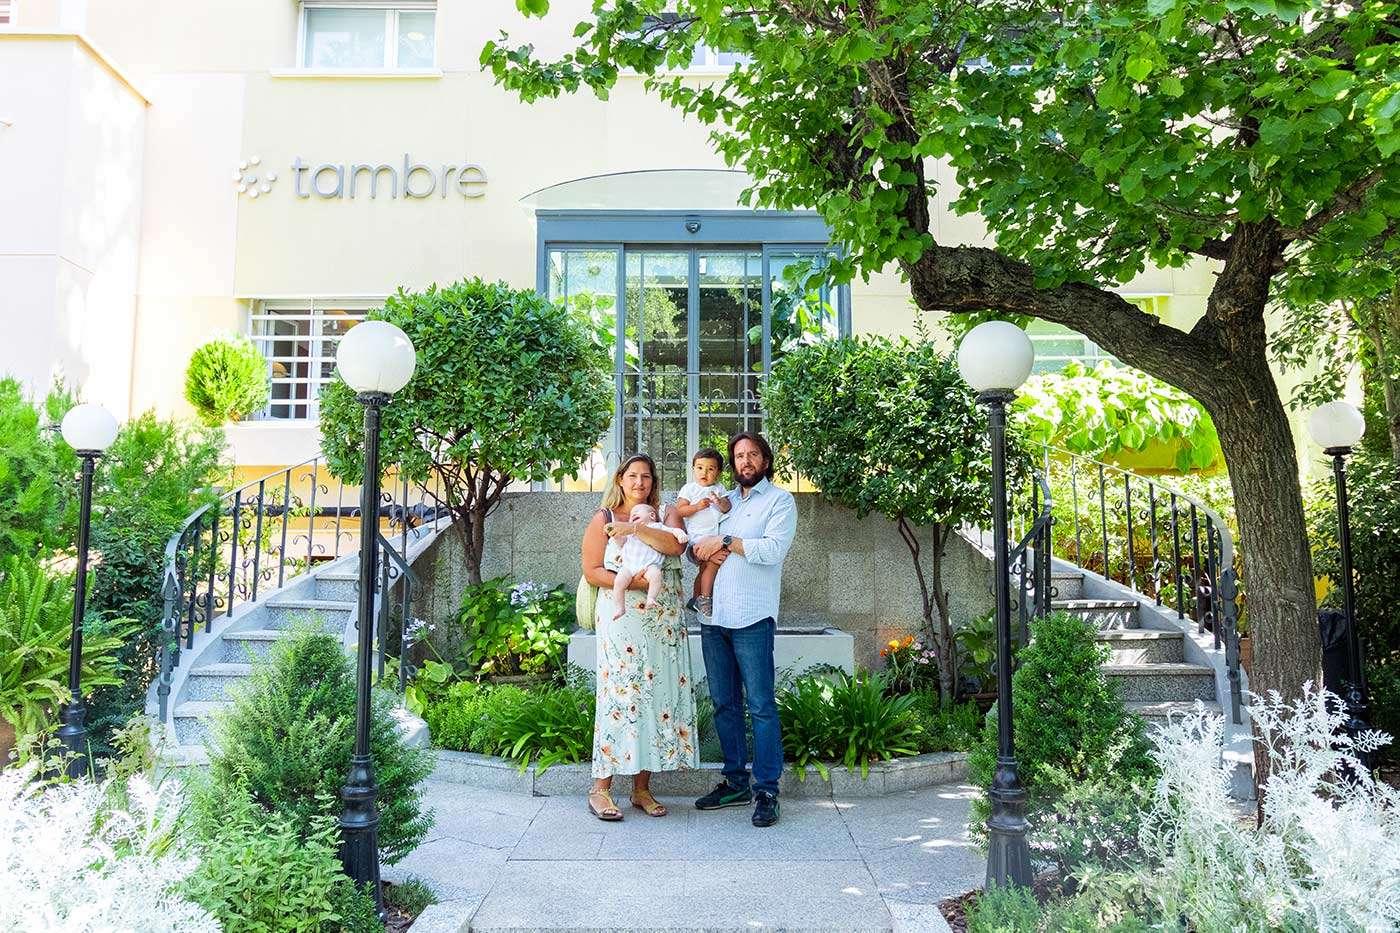 Tania, Mariano y su familia entrada Tambre